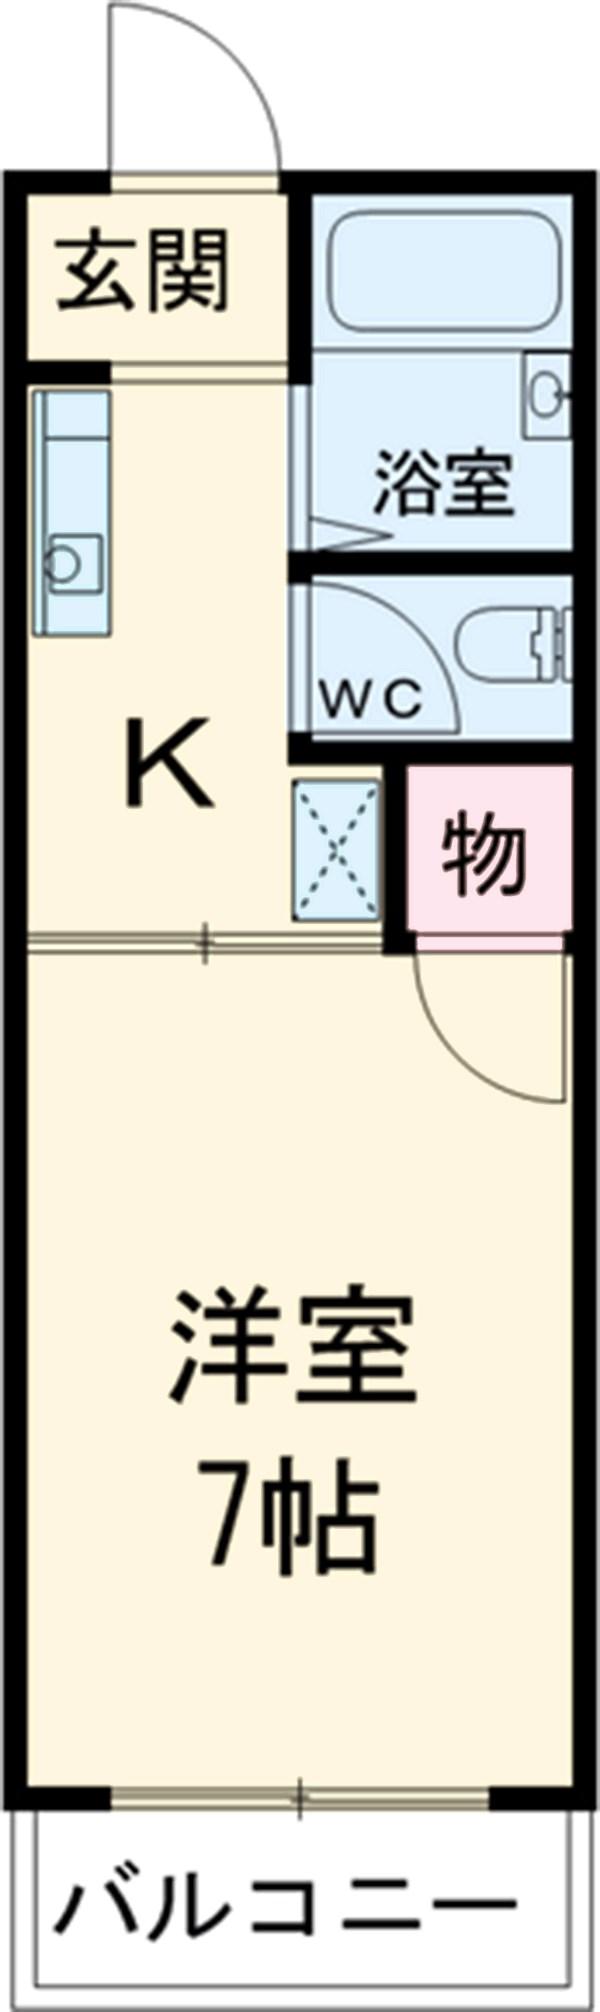 サンクレスト覚王山・207号室の間取り